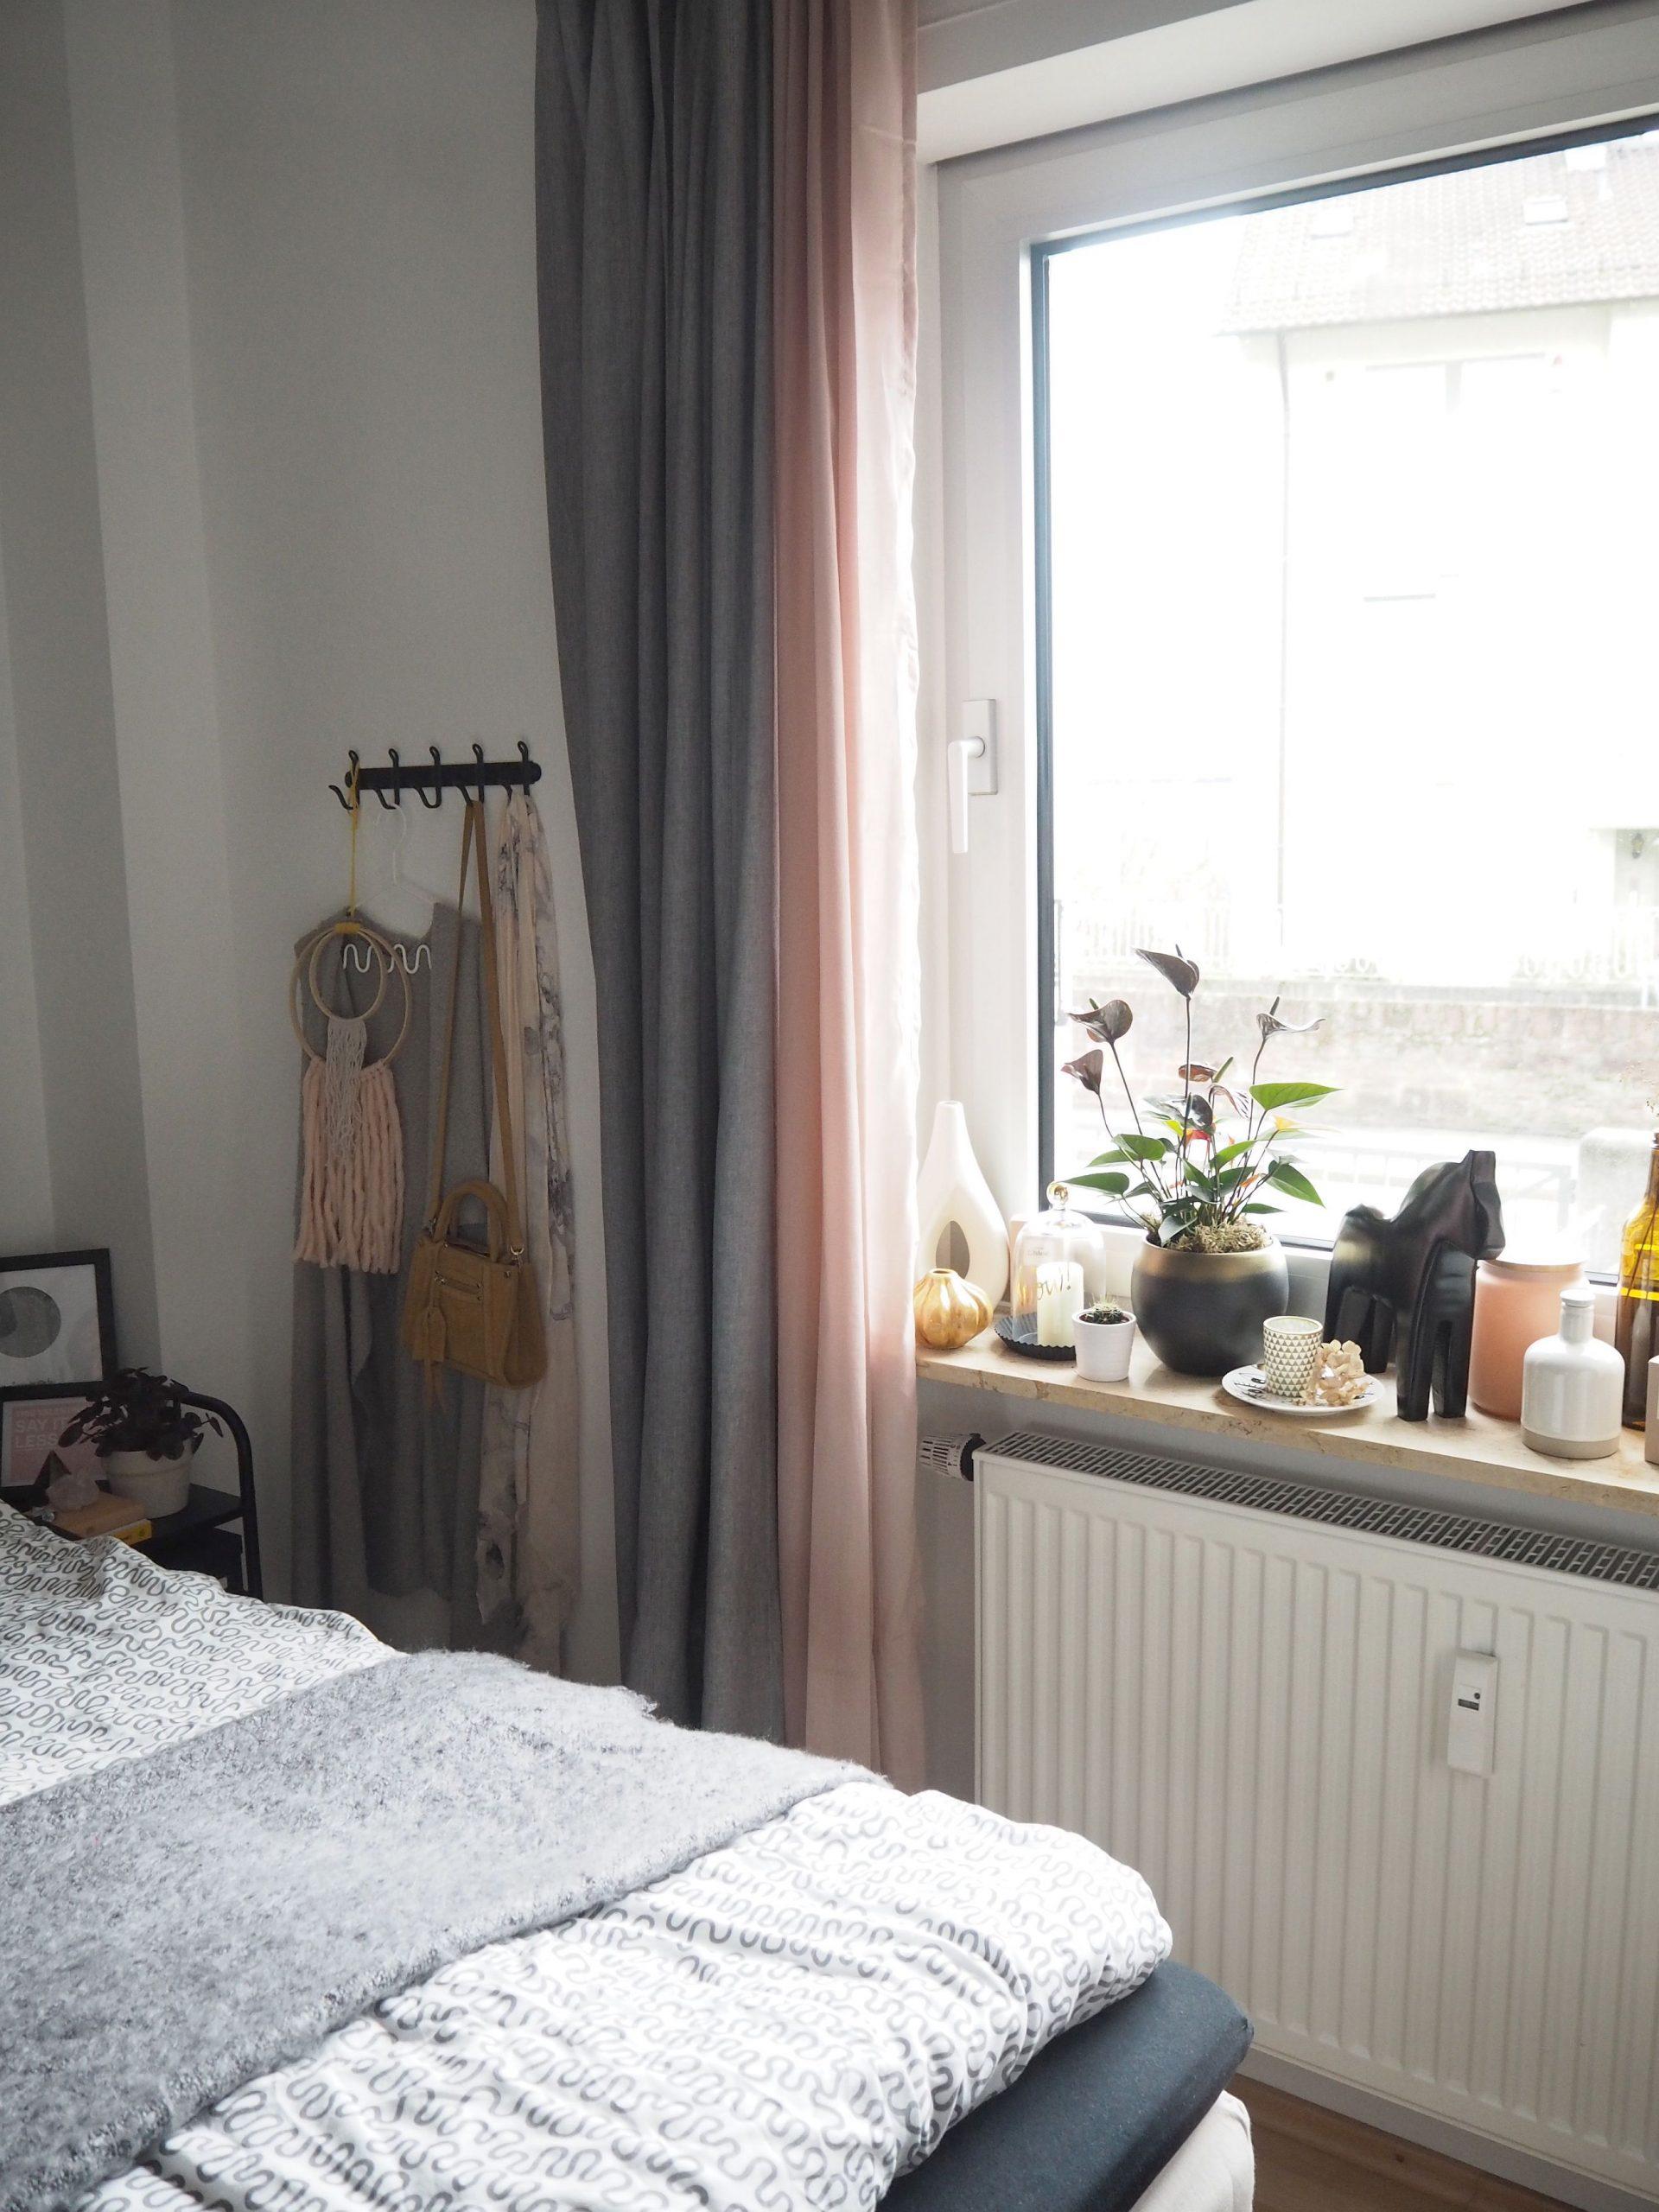 Full Size of Fensterbank Dekorieren Wohnzimmer Fensterbank Dekorieren